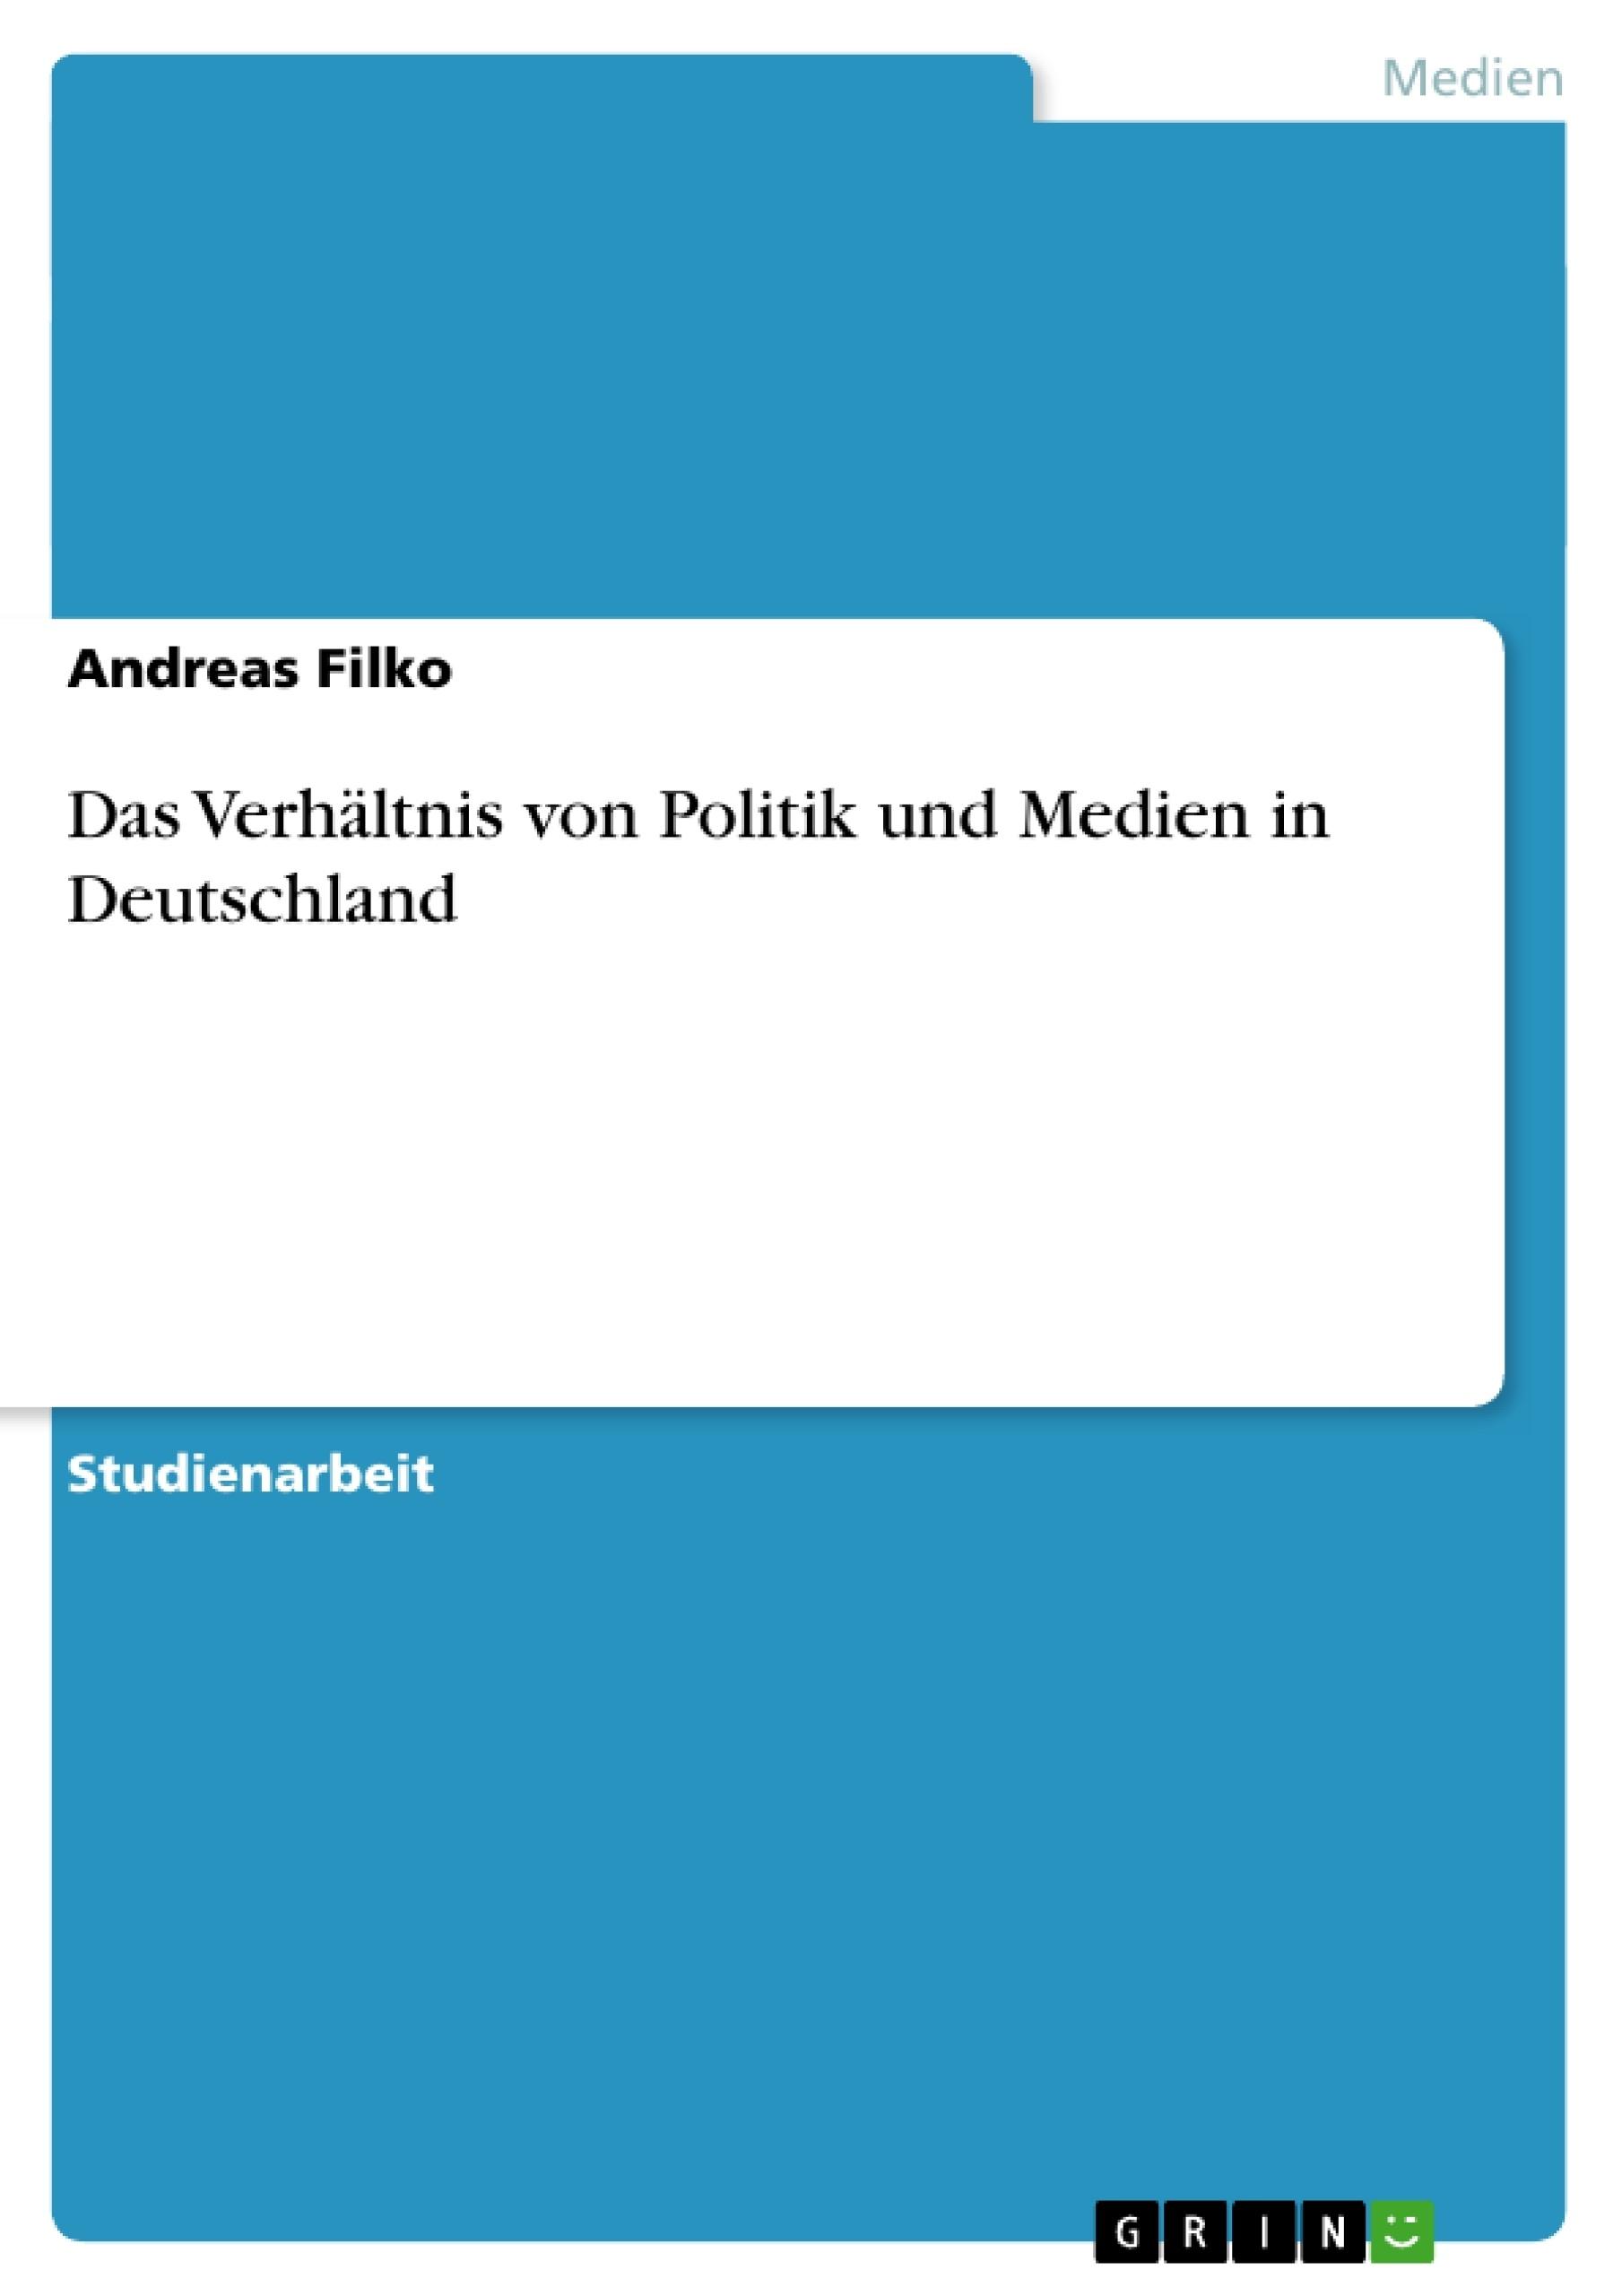 Titel: Das Verhältnis von Politik und Medien in Deutschland